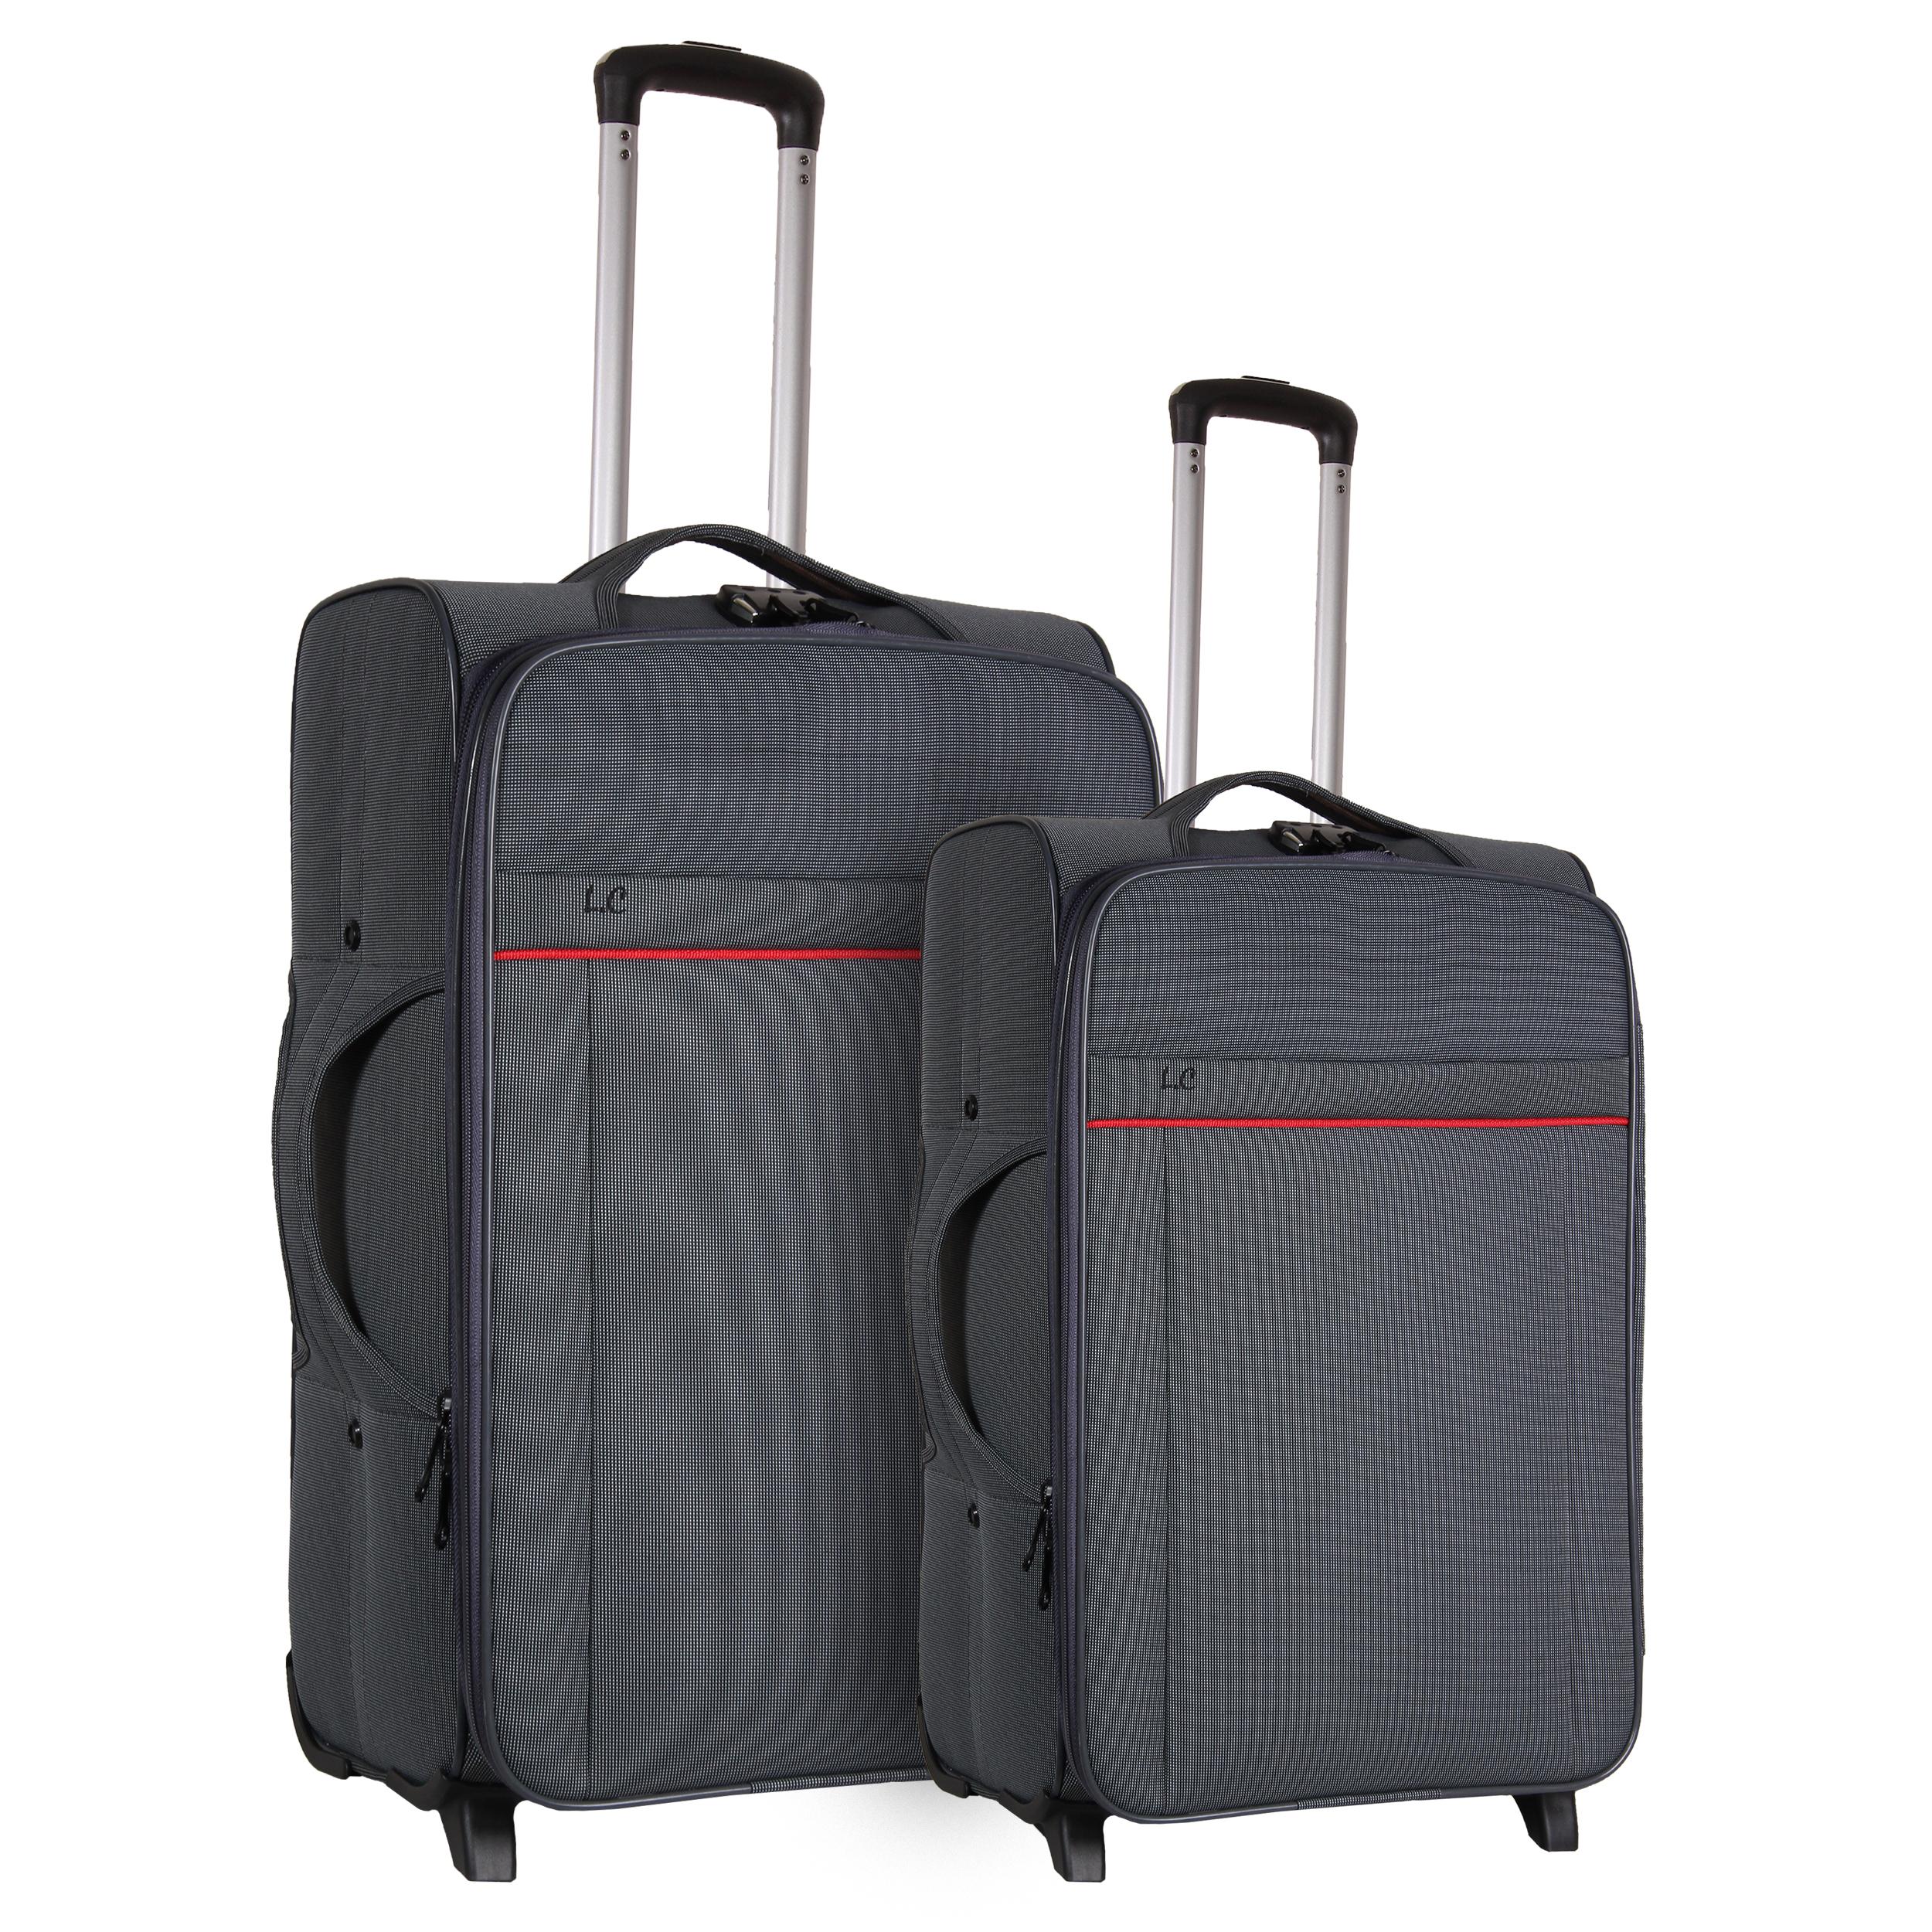 مجموعه دو عددی چمدان شهر چرم کد 1004